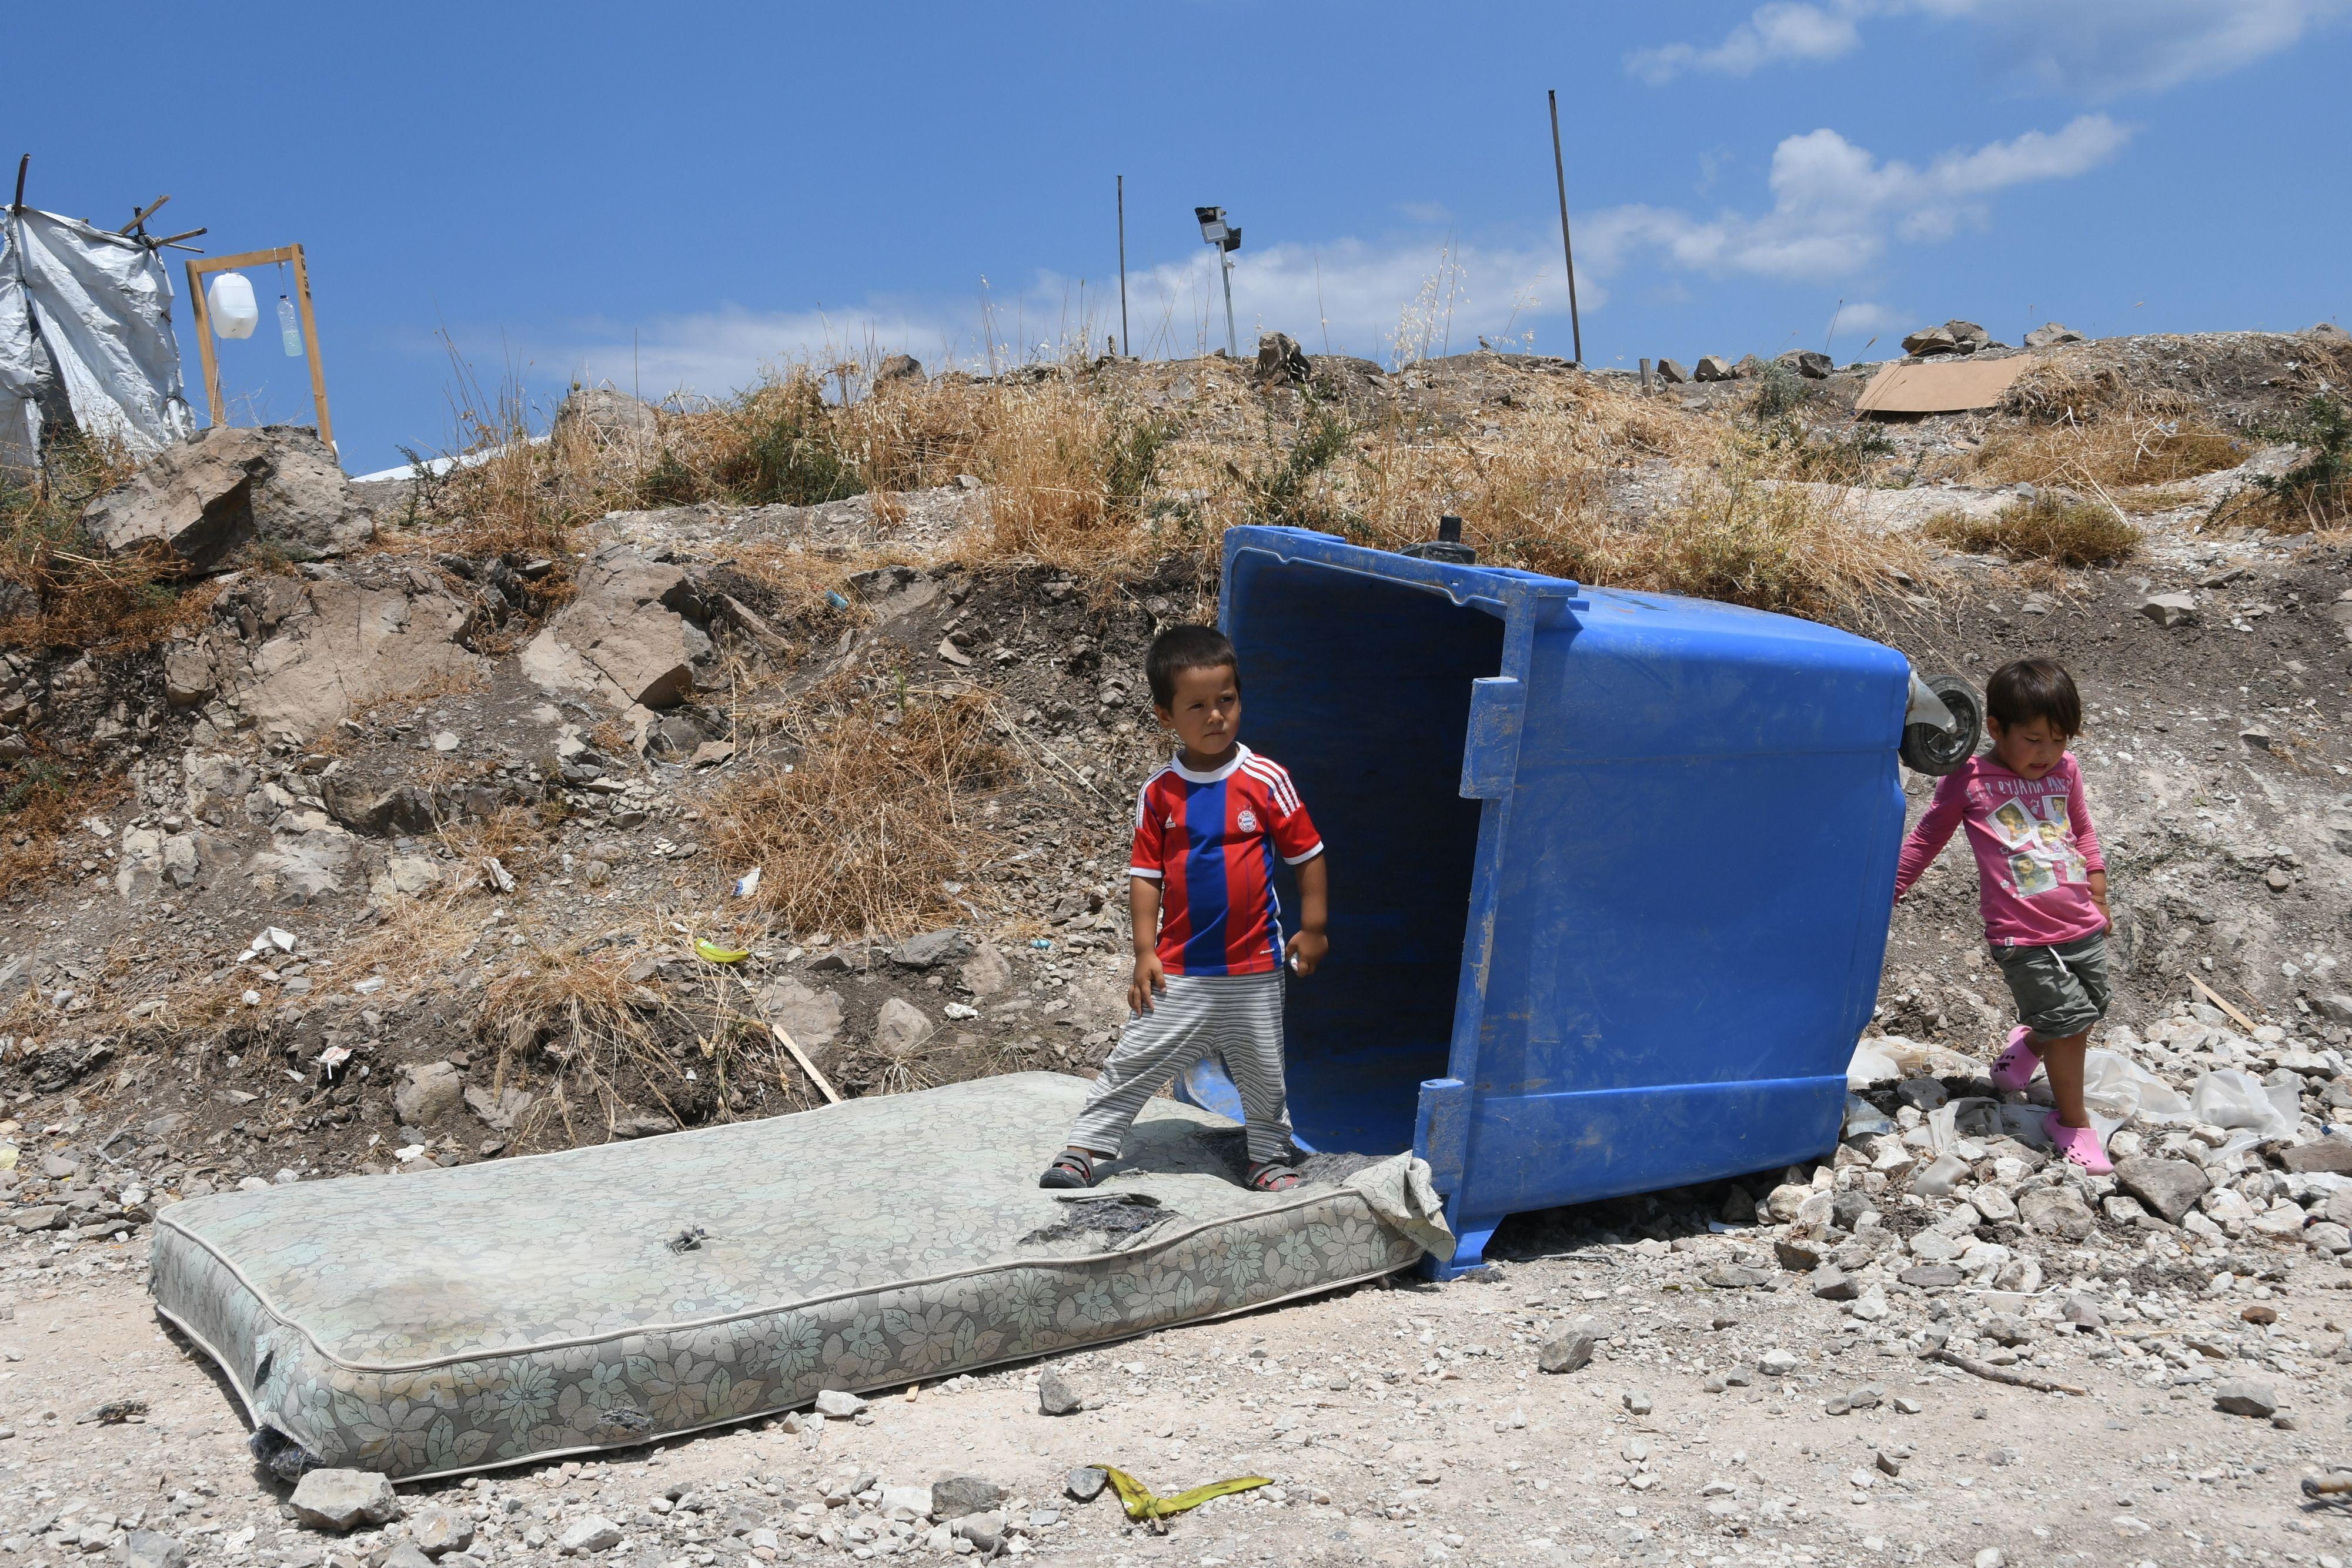 Aus der Not eine Tugend gemacht: Wenn Playmobil, Lego und Dreirad fehlen, spielen die Kinder mit dem, was da ist: mit Matratze und Mülltonne. Fotos: Kattinger